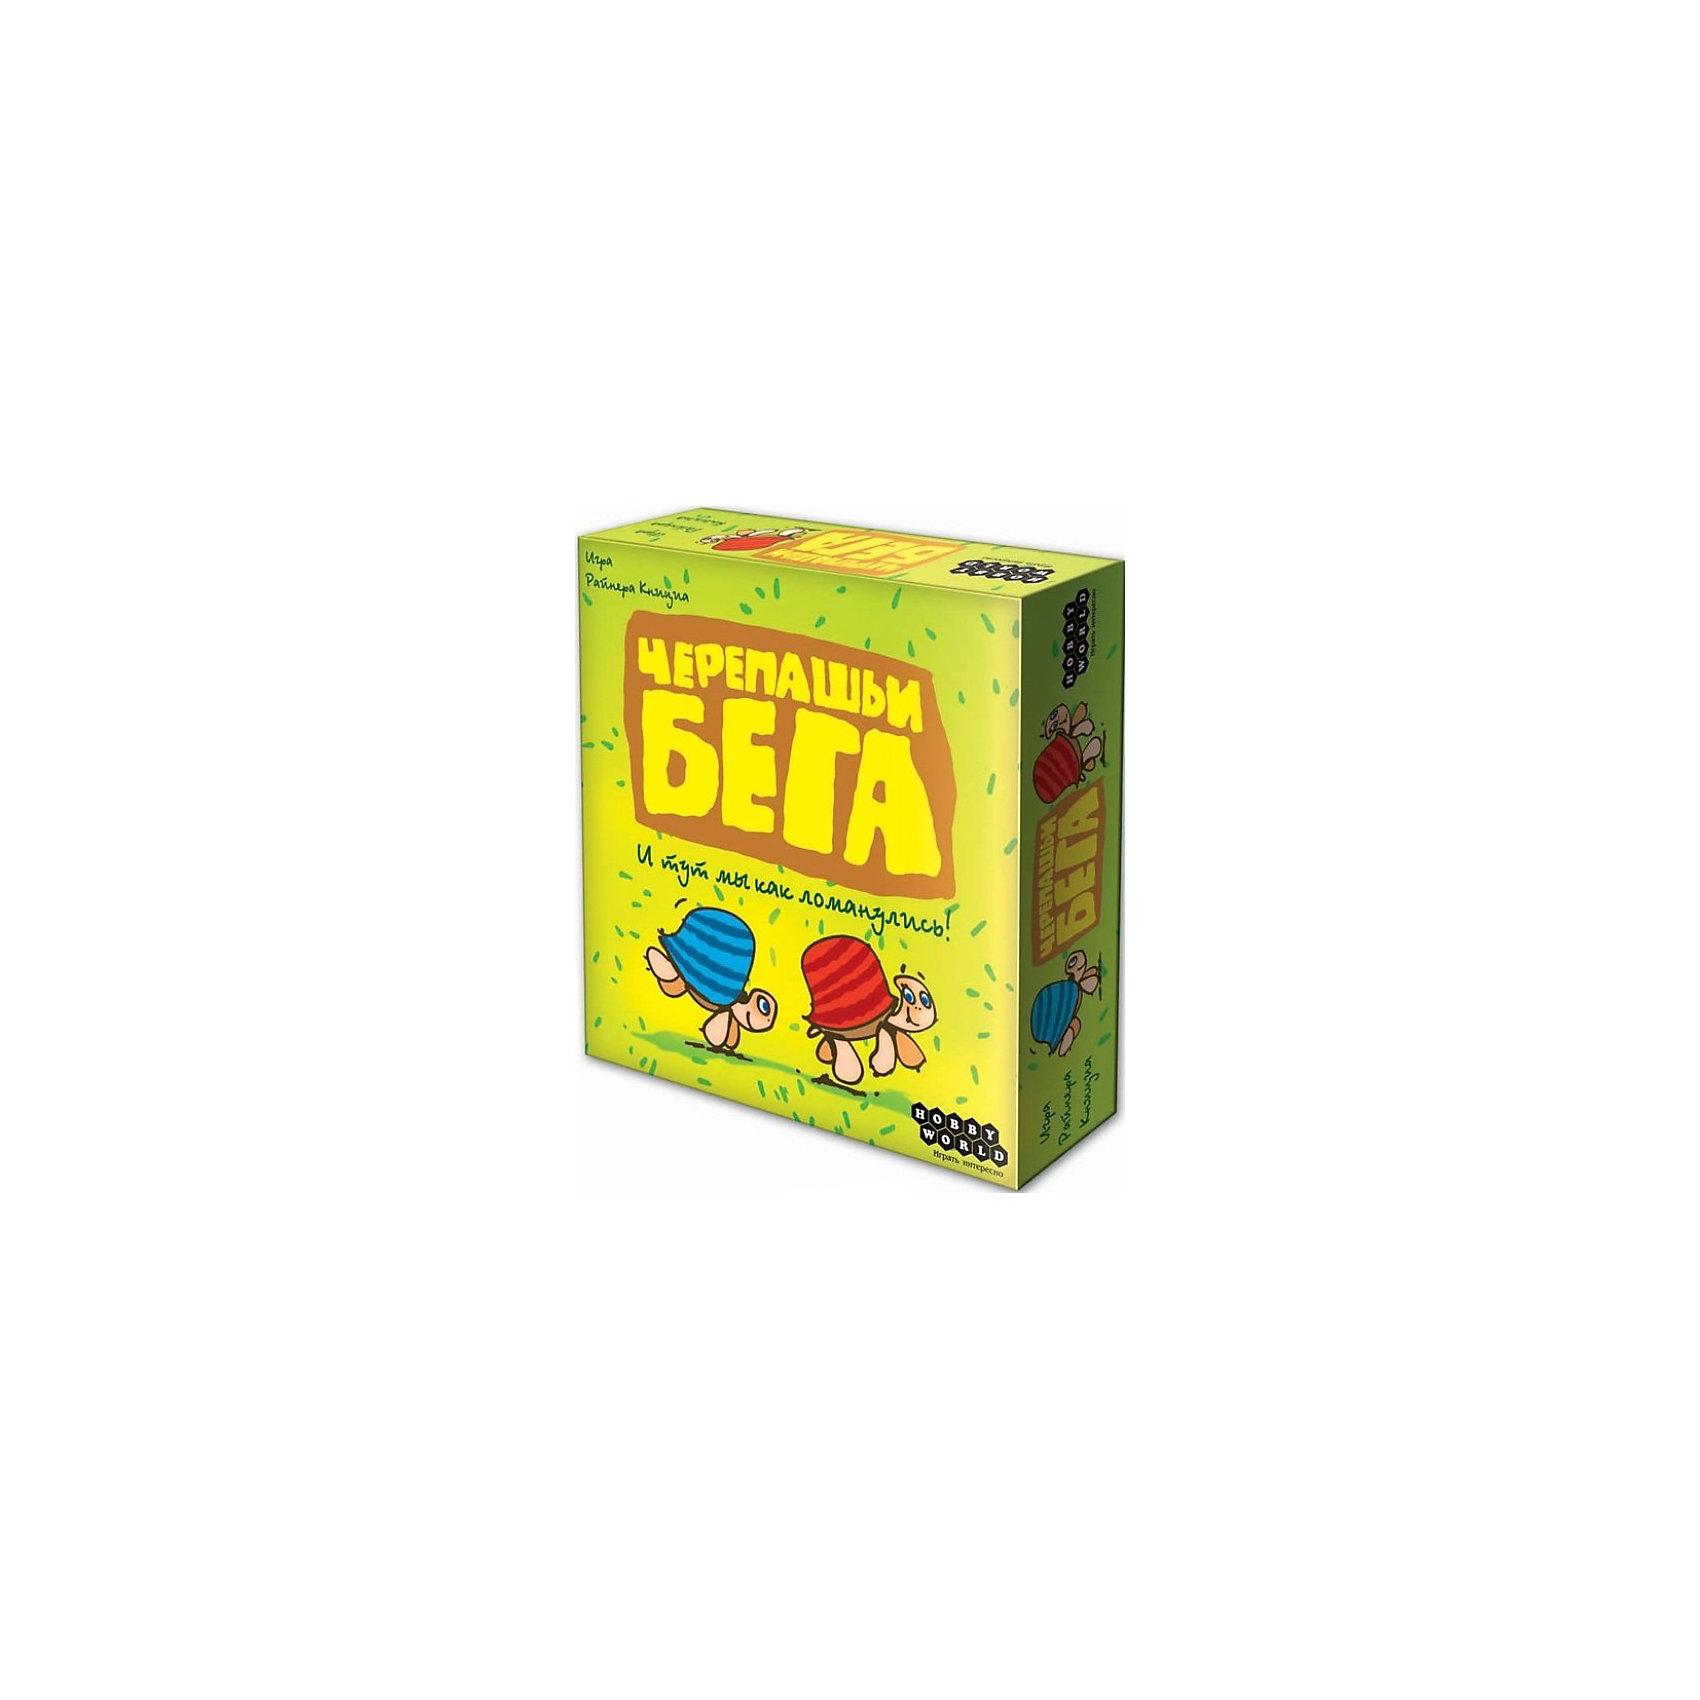 Игра Черепашьи бега, Hobby WorldНастольные игры<br>«Черепашьи бега» — забег по садовой тропинке к капусте, участниками в котором выступают деревянные черепахи пяти разных цветов. Каждый из игроков желает победы только одной из них, но какой, остаётся секретом до конца игры. <br><br>Разыгрываемые карты позволяют передвинуть черепаху определённого цвета на одну или две клетки вперёд, либо на одну клетку назад. Если же карта раскрашена во все цвета радуги, какую черепаху передвинуть, решает разыгравший карту игрок. Есть и специальные карты, которые передвигают вперёд на одну или две клетки самую остающую черепаху. Если черепаха попадает на уже занятую клетку, она взбирается на панцирь сопернице, формируя стопку. Если пришёл черёд передвинуться какой-либо черепахи из стопки, вместе с ней передвигаются и все те черепахи, что сидят в стопке выше её; они также могут взгромоздиться на черепаху или стопку черепах, если передвинутся в уже занятую клетку.<br><br>В комплекте:<br>игровое поле<br>5 деревянных черепах<br>52 карты<br>5 жетонов<br>правила игры<br><br>Ширина мм: 205<br>Глубина мм: 205<br>Высота мм: 45<br>Вес г: 450<br>Возраст от месяцев: 60<br>Возраст до месяцев: 1188<br>Пол: Унисекс<br>Возраст: Детский<br>SKU: 3202216